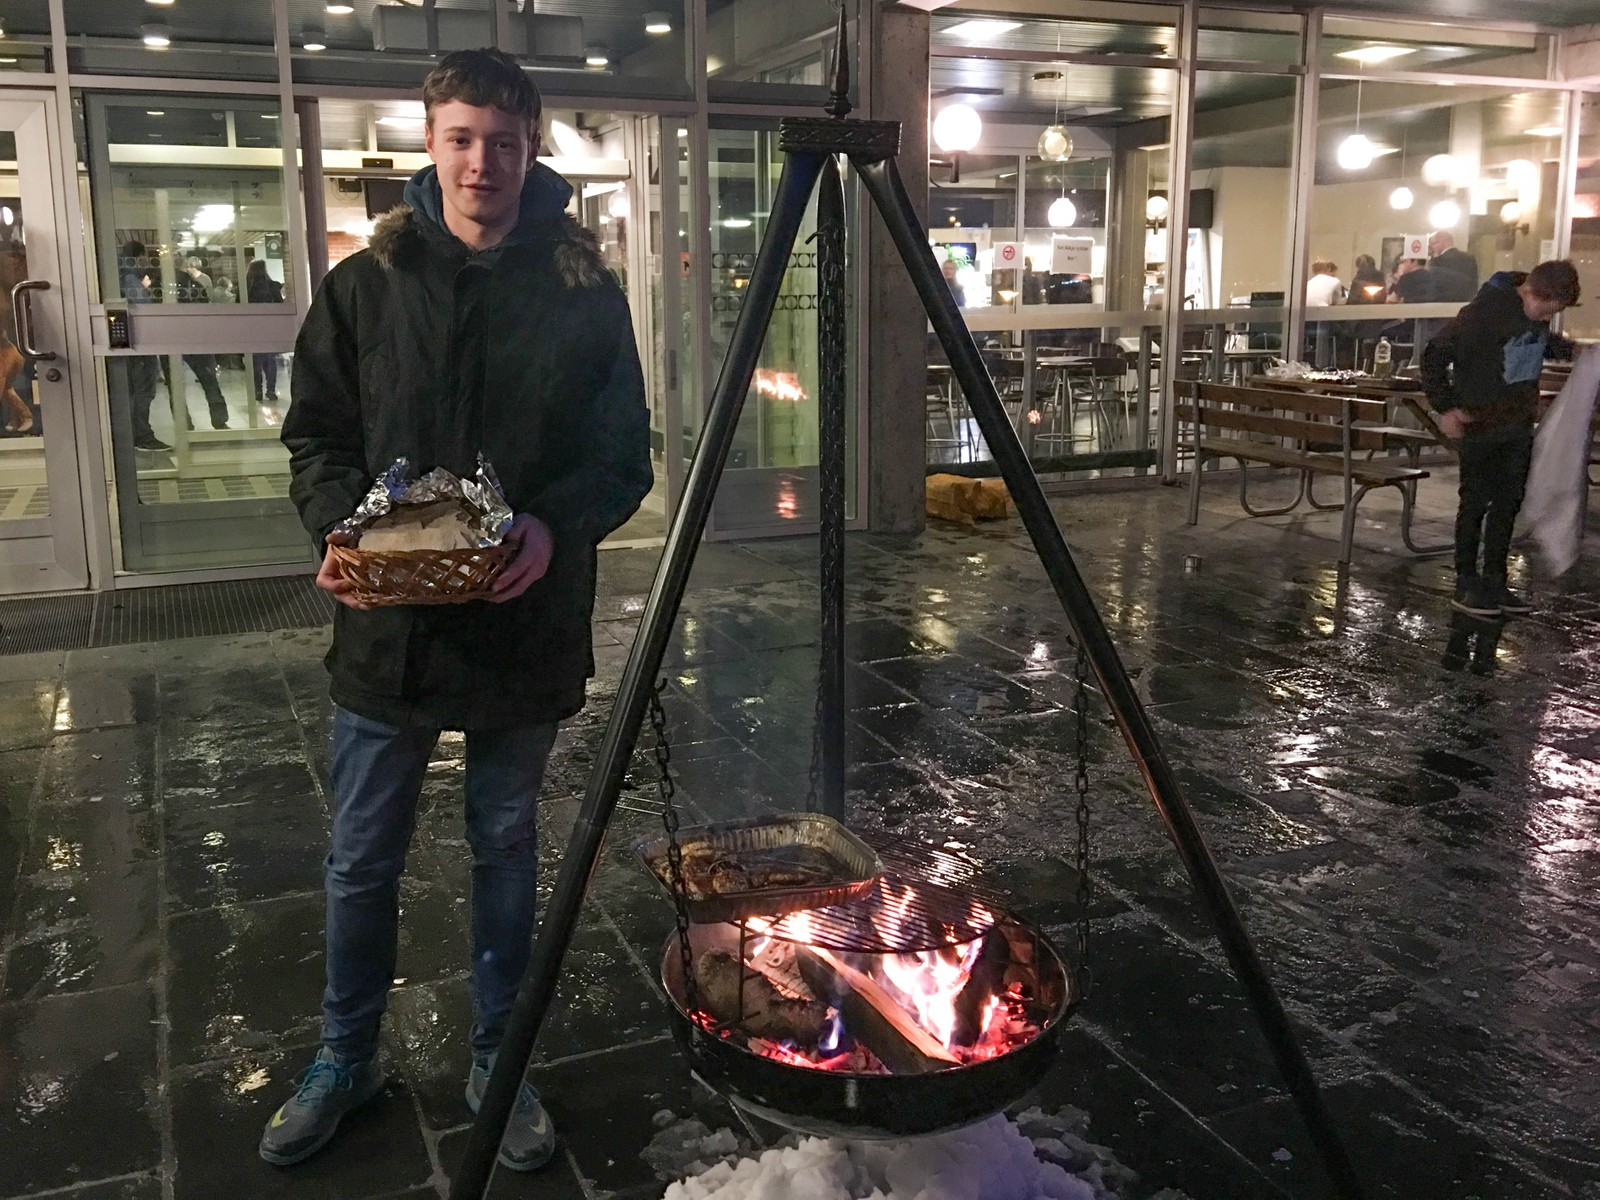 LAKSEBURGER PÅ VEG INN: Isak Borlaug Eide serverer heimelaga flatbrød med lakseburger og aioli ved inngangen.